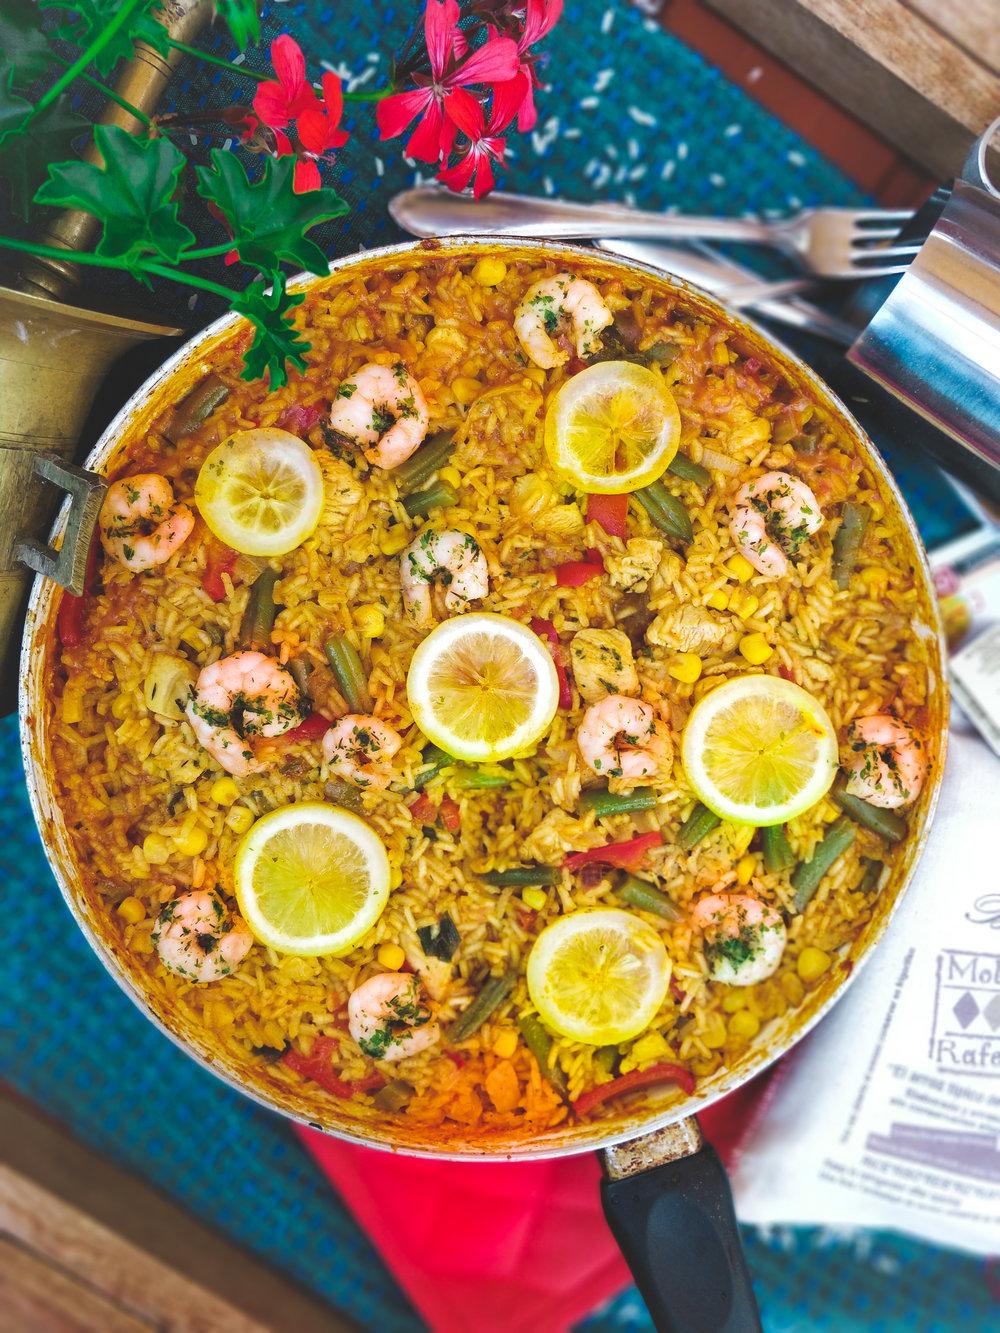 Španělská Paella s tygřími krevetami - Kdybych měla vybrat jeden recept, který si ode mě žádáte snad úplně nejvíce, tak by to rozhdně byla tato španělská Paella! Každý den mi chodí minimálně dvě zprávy na toto téma a tak vám už dnes konečně napíšu i sem na blog pořádný recept...